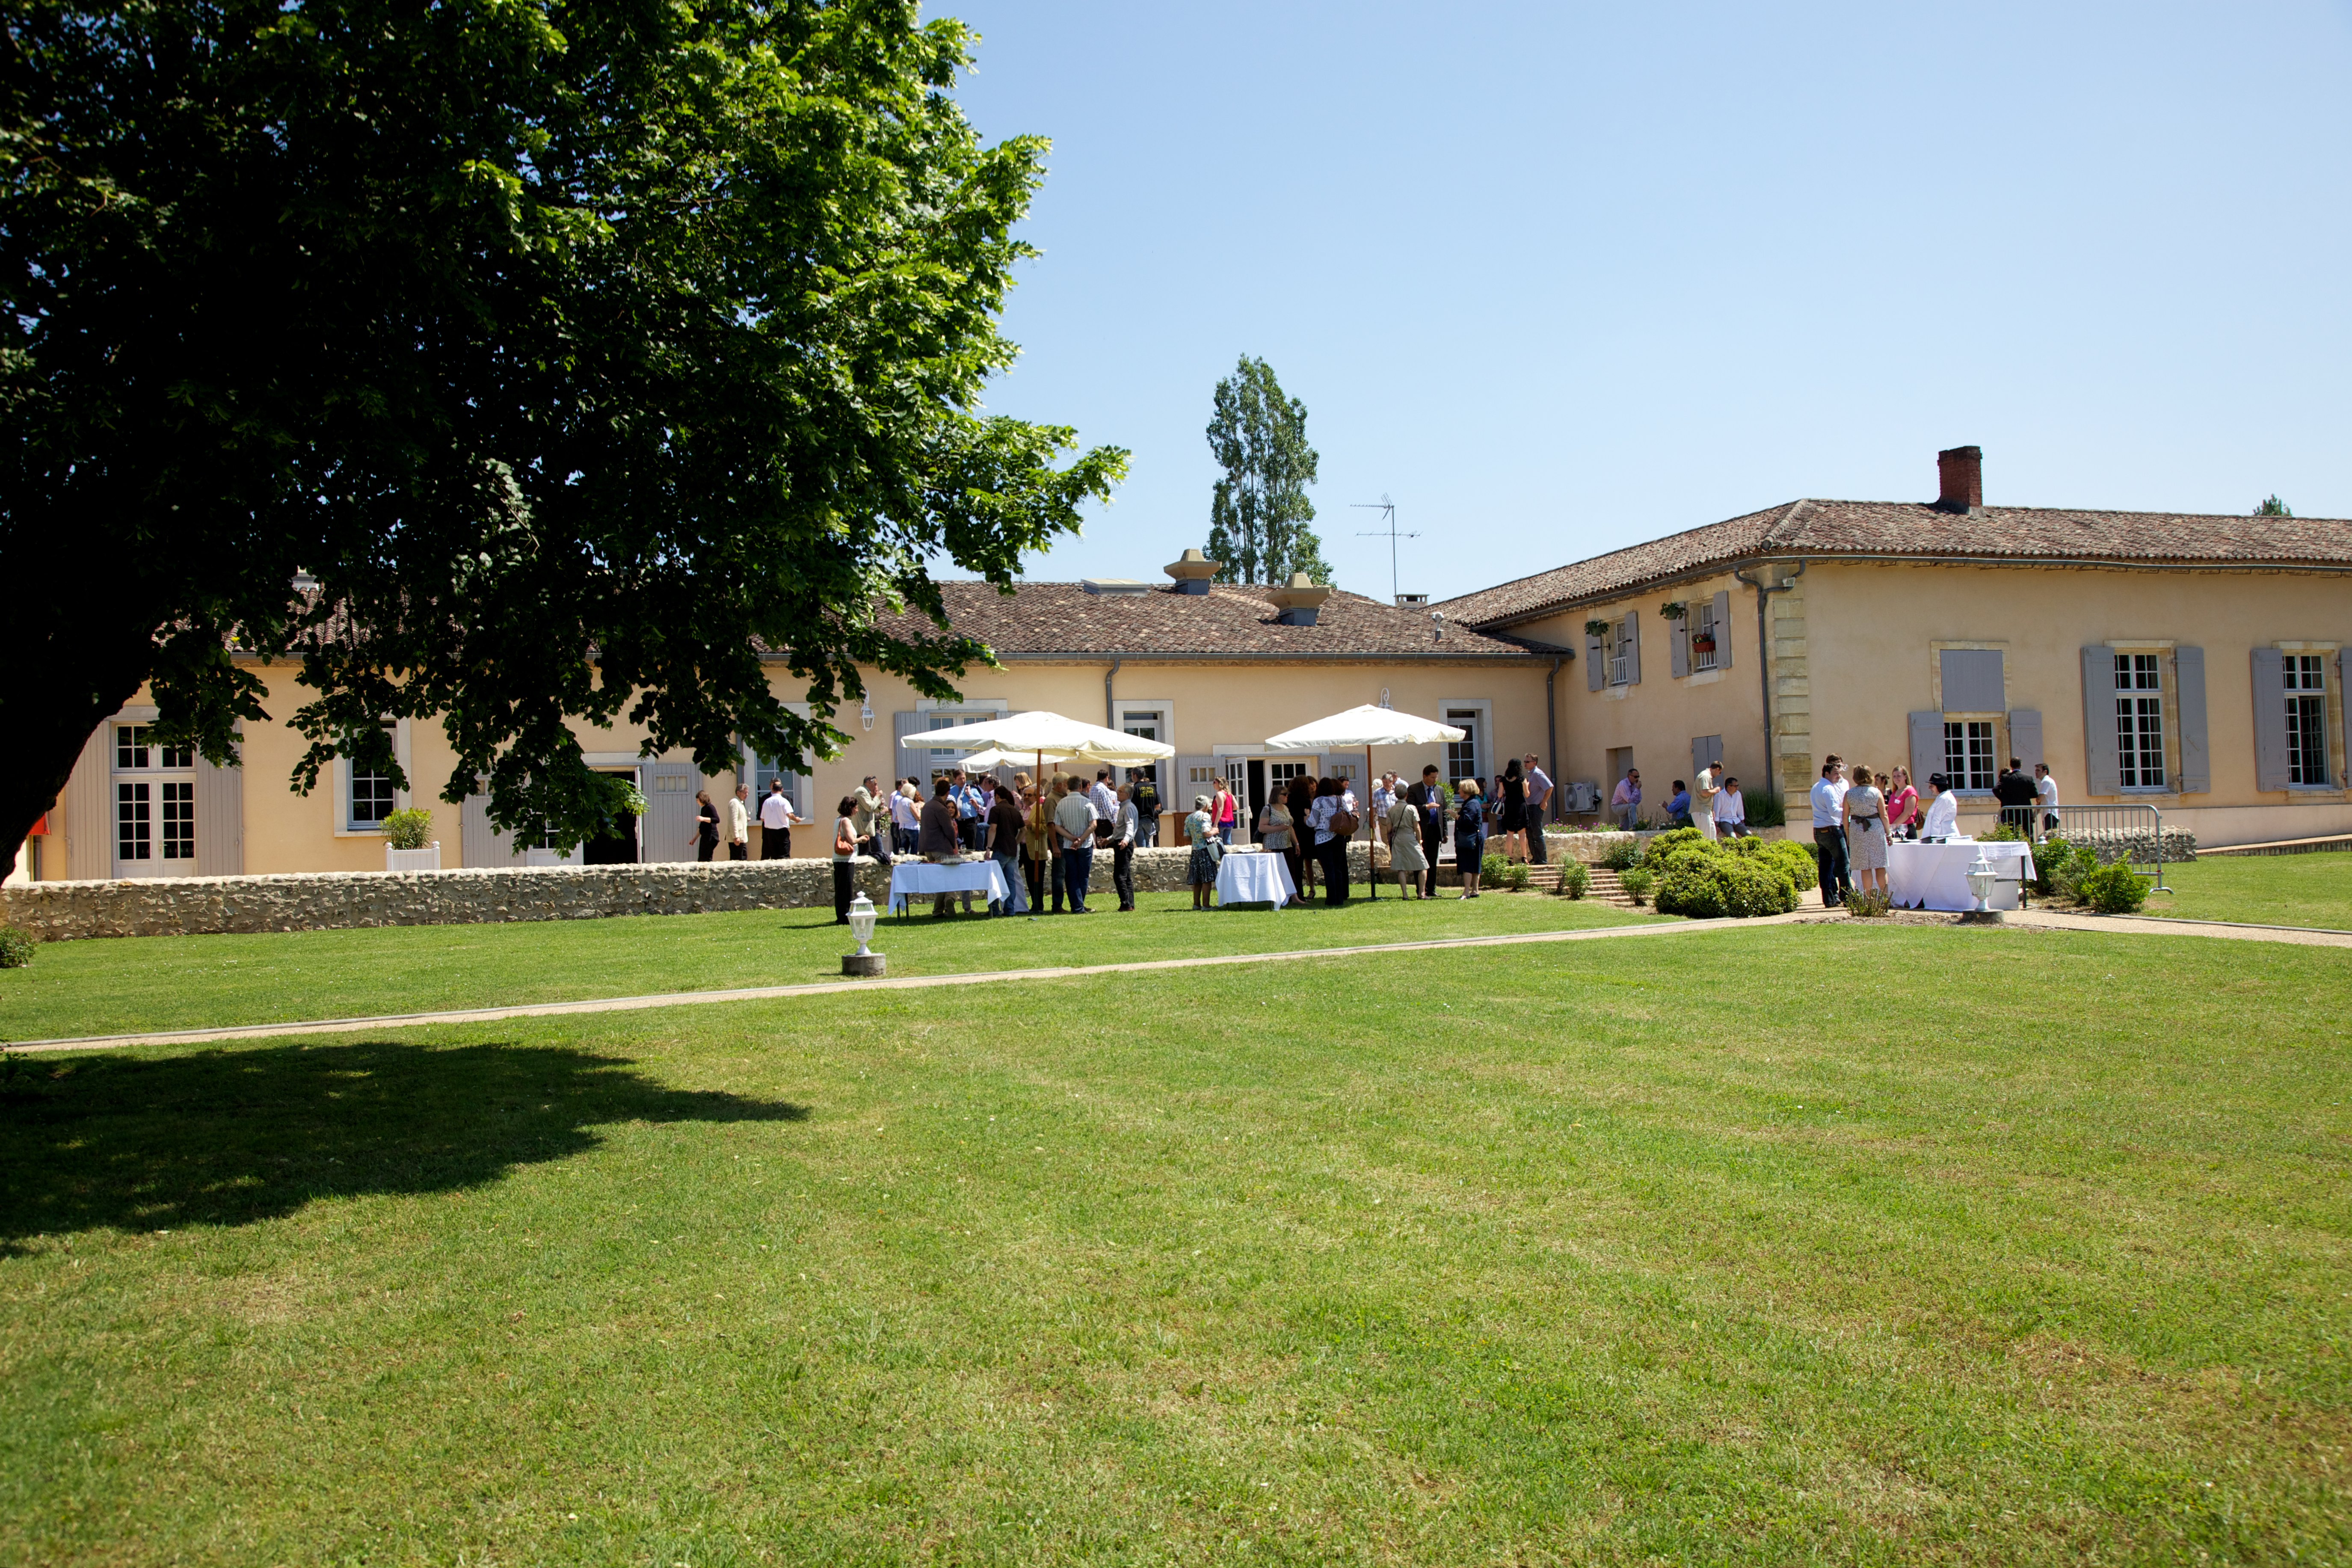 Maison des vins de cadillac les prestataires de for Maison cadillac